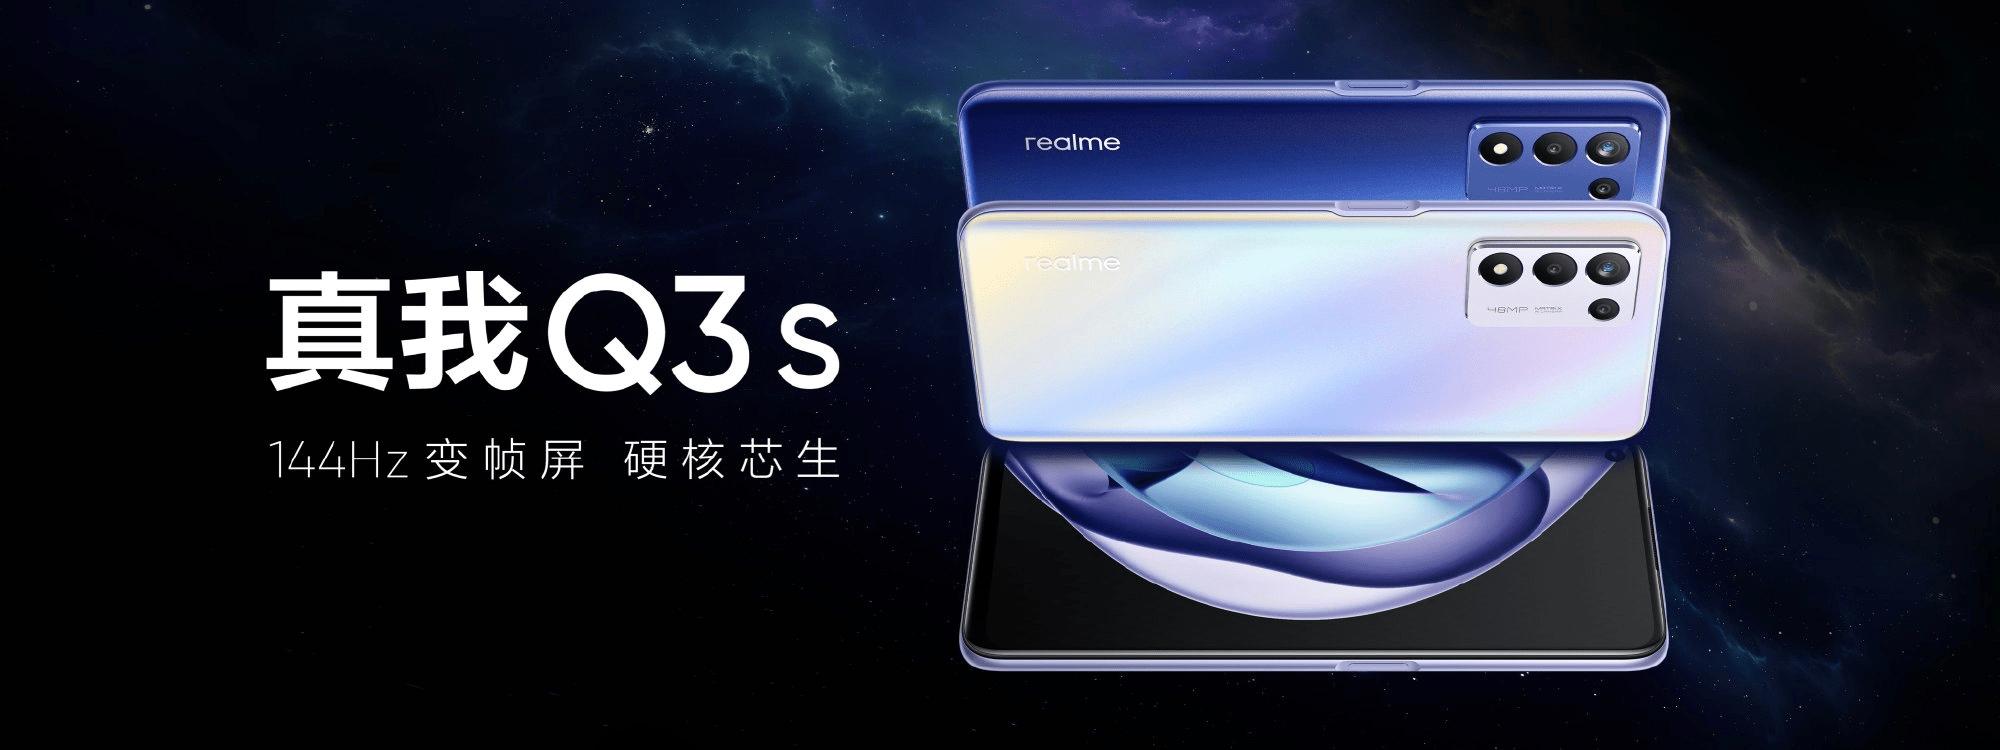 對比華為Nova9,才發現realme真我Q3s是真的香